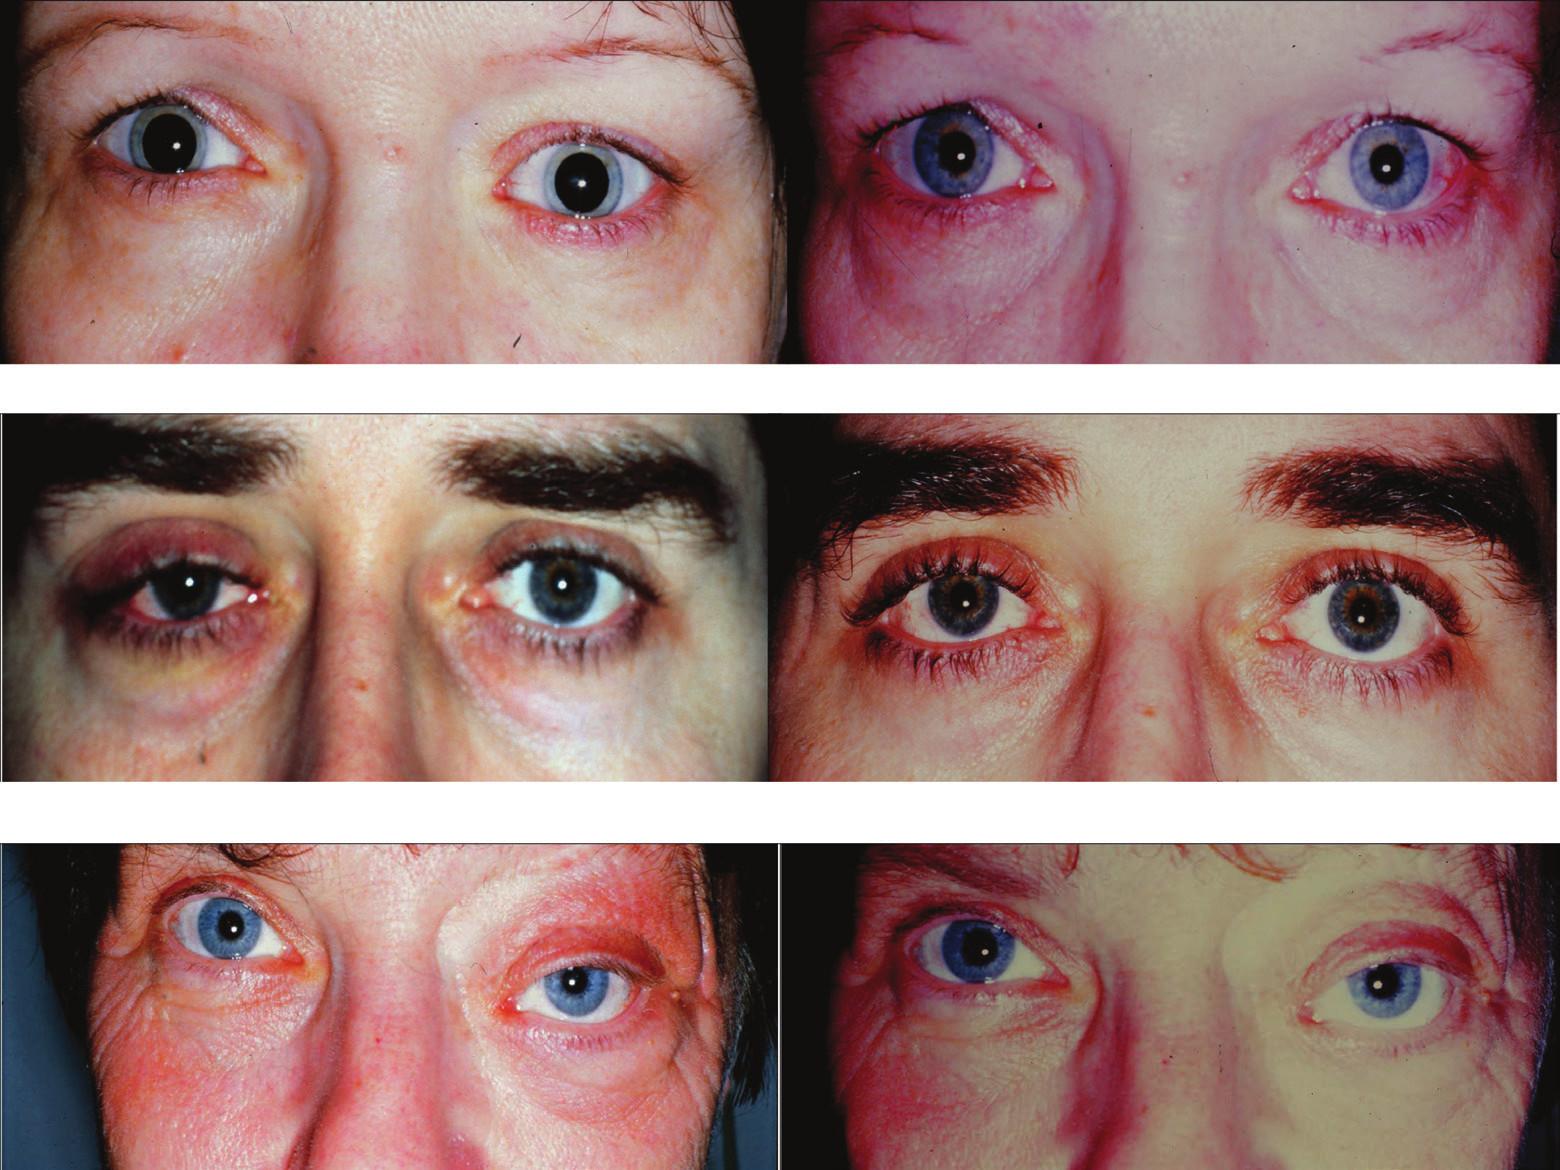 Klinický nález před stanovení histologické diagnózy (vpravo) a stav po zklidnění po zevní orbitotomii (vlevo) u pacientů se zánětlivým pseudotumorem slzné žlázy. Nahoře kazuistika č. 1, uprostřed kazuistika č. 2, dole kazuistika č. 3